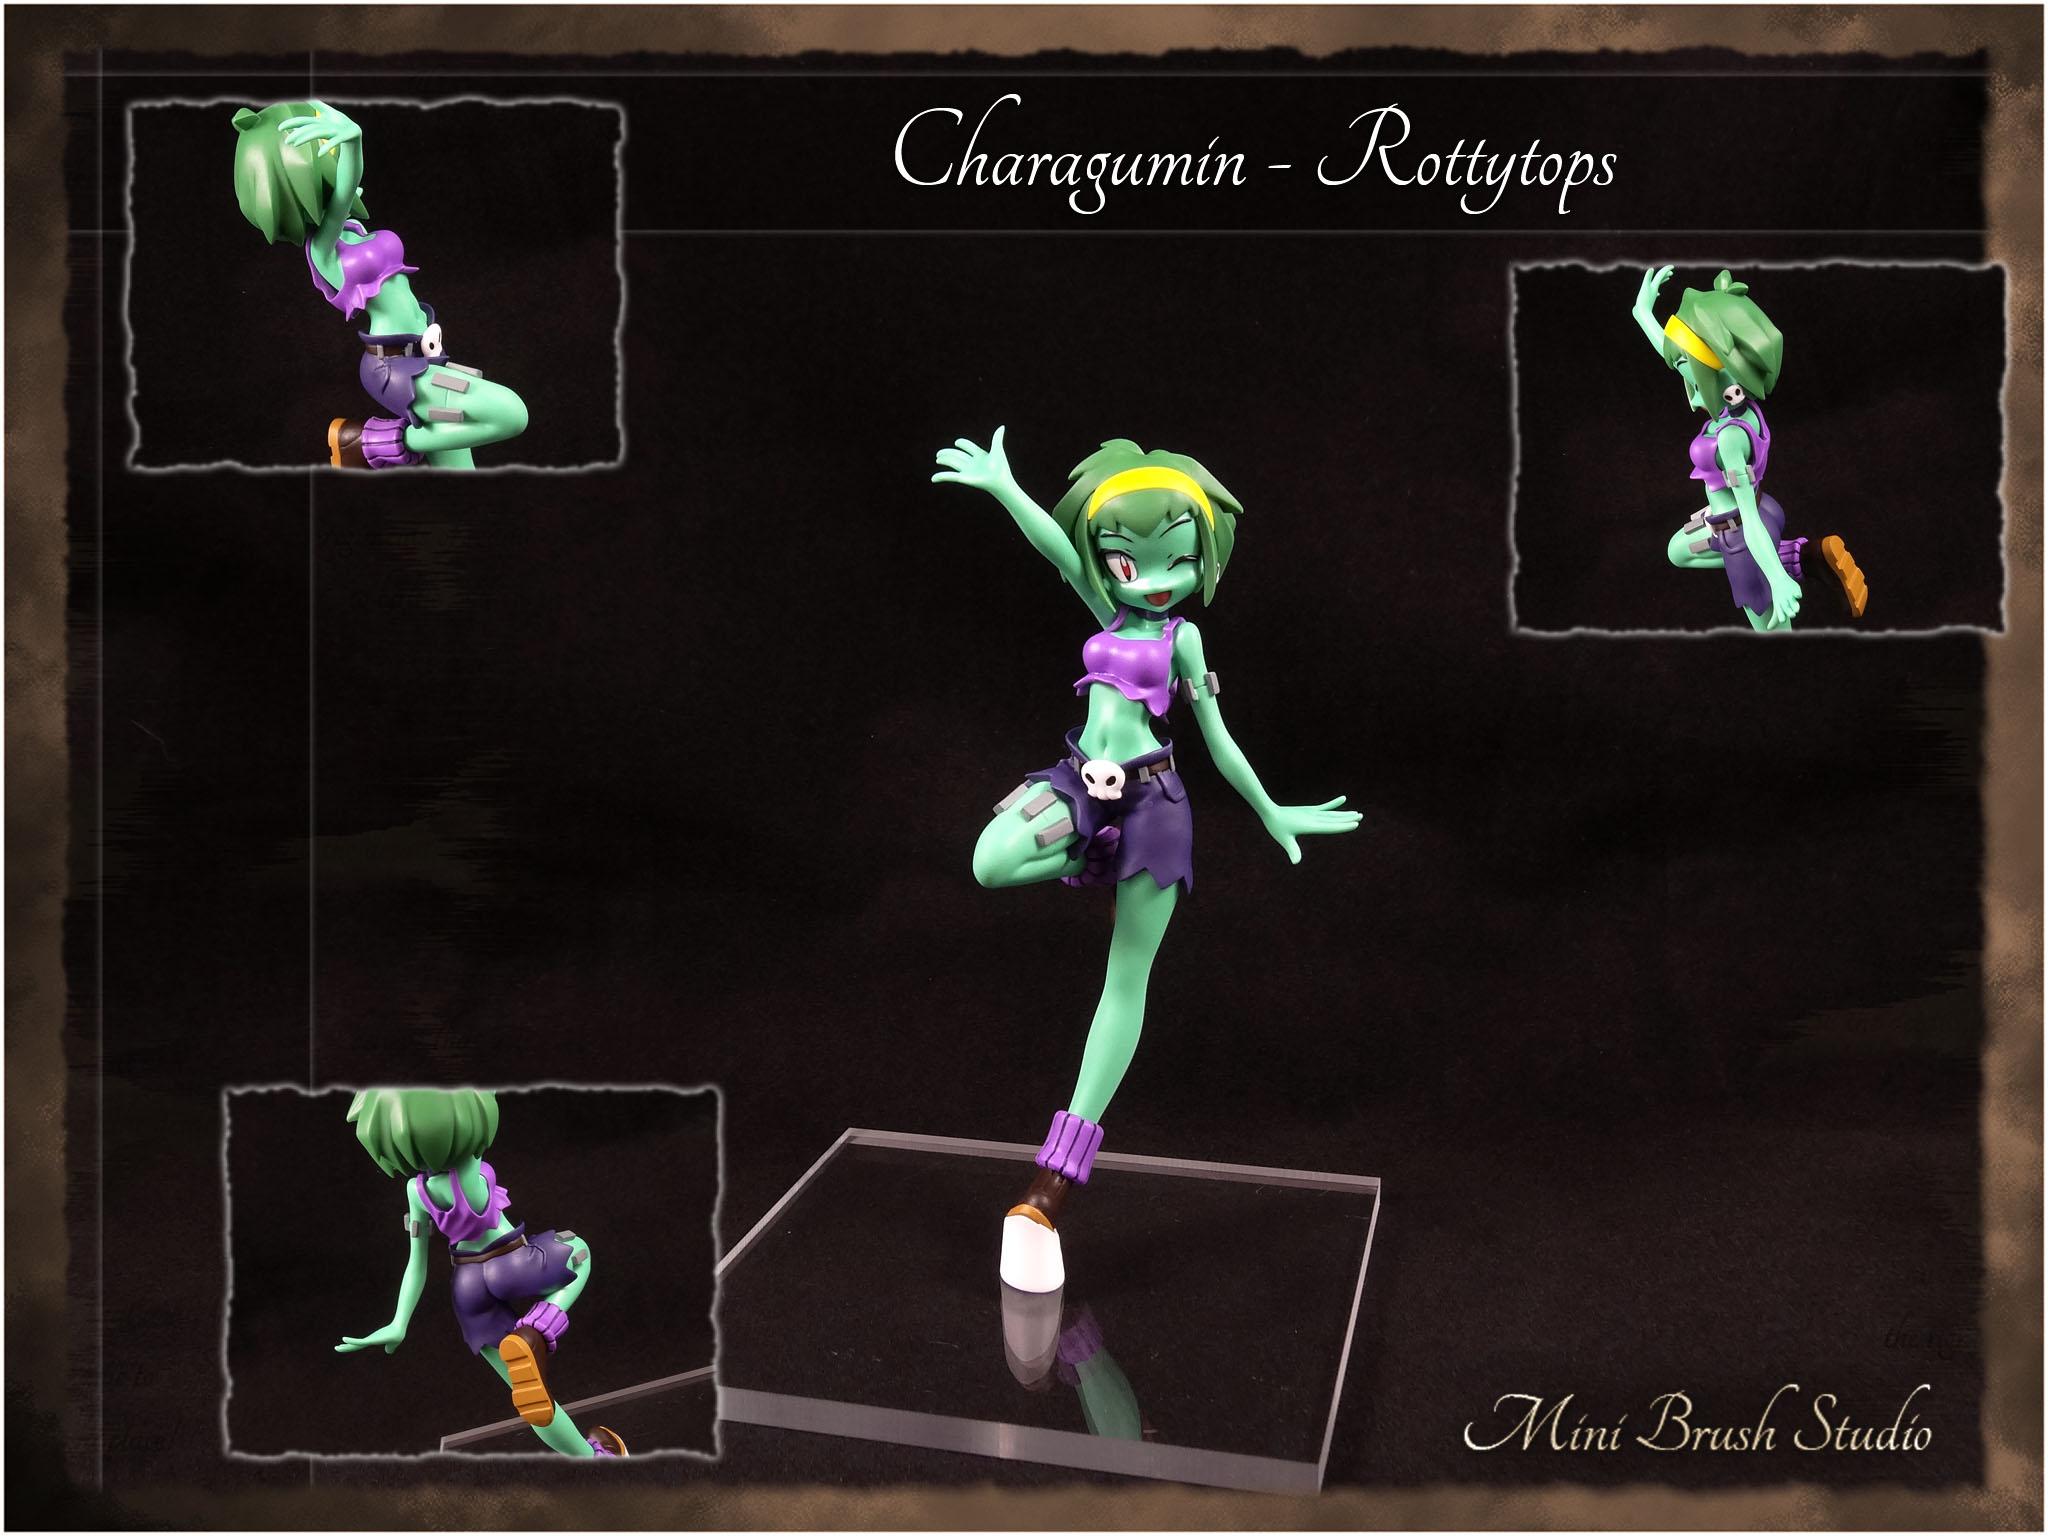 Charagumin - Rottytops 1 v7.00.jpg